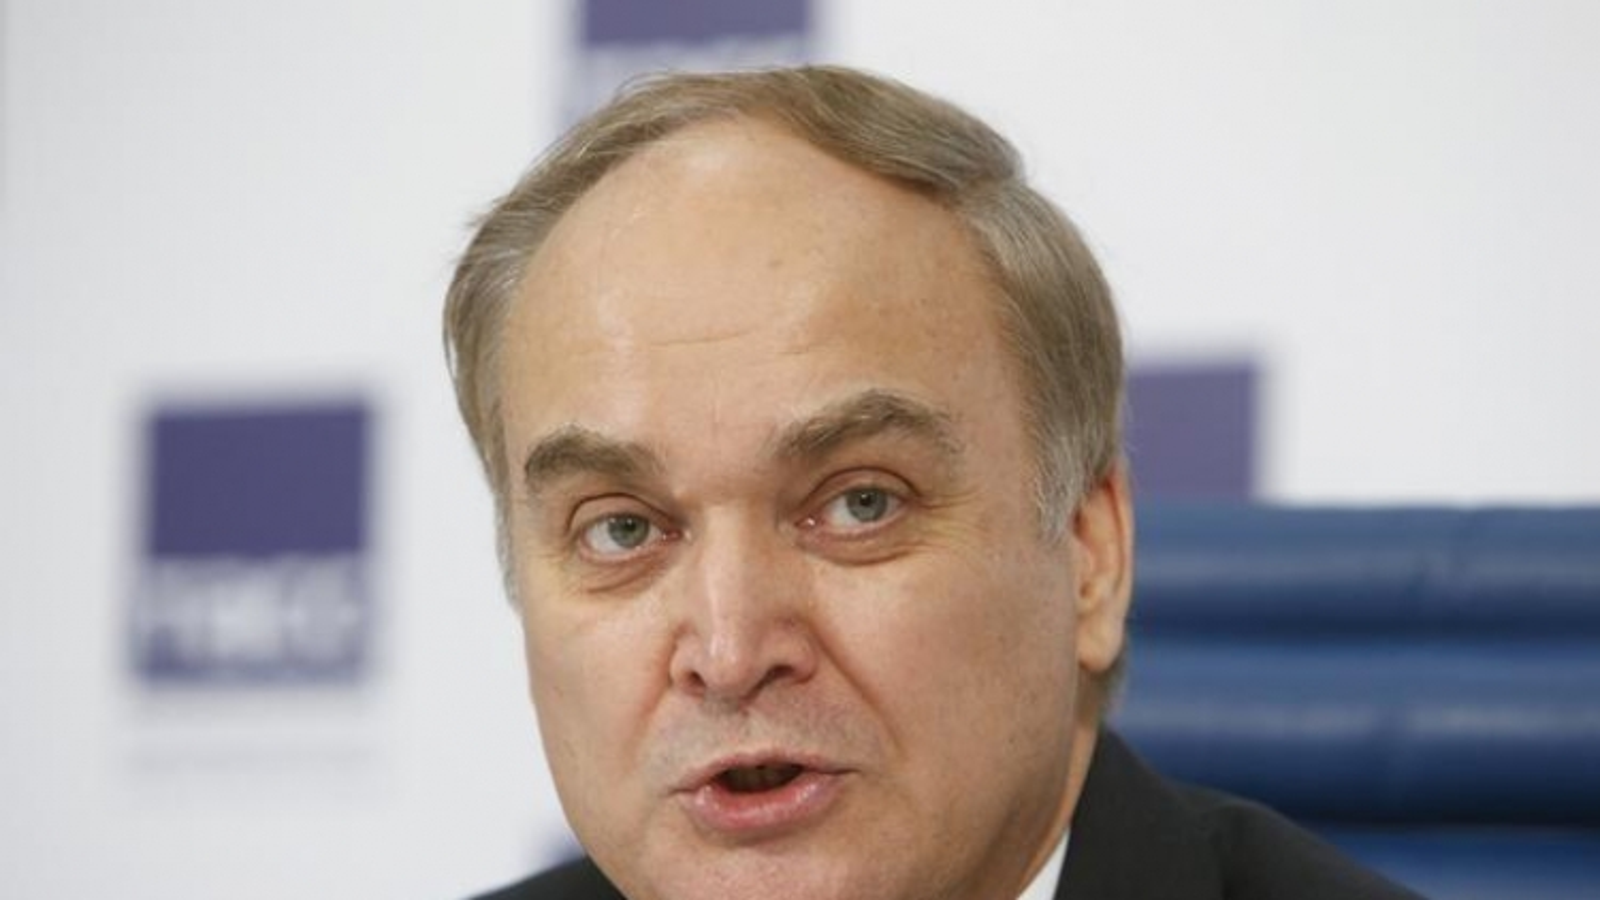 Nga gửi yêu cầu tới chính quyền mới của Mỹ để sắp xếp các cuộc tiếp xúc đầu tiên